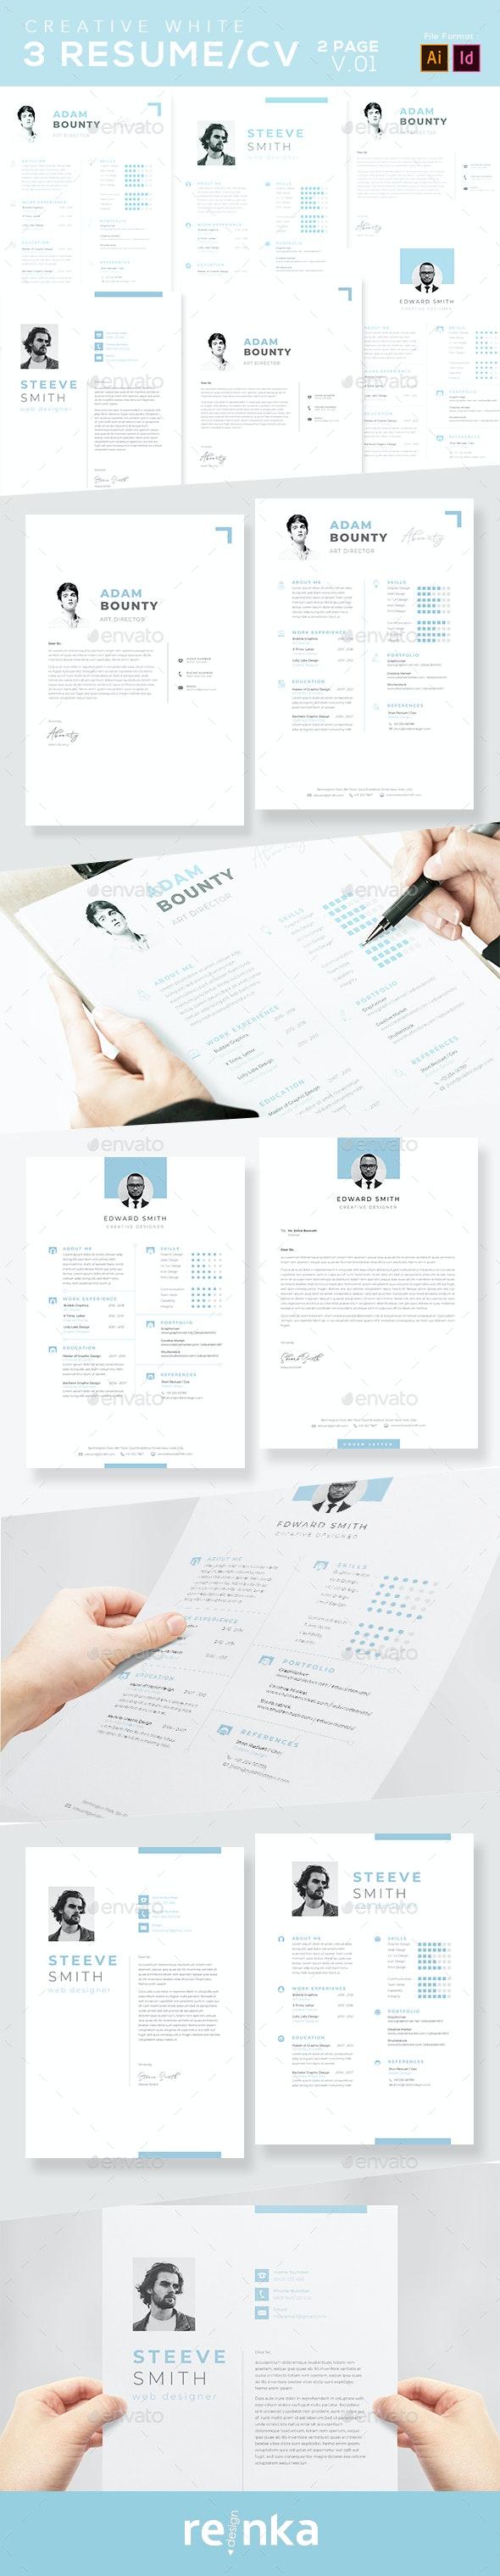 Resume CV - 02 Page v.01 - Resumes Stationery